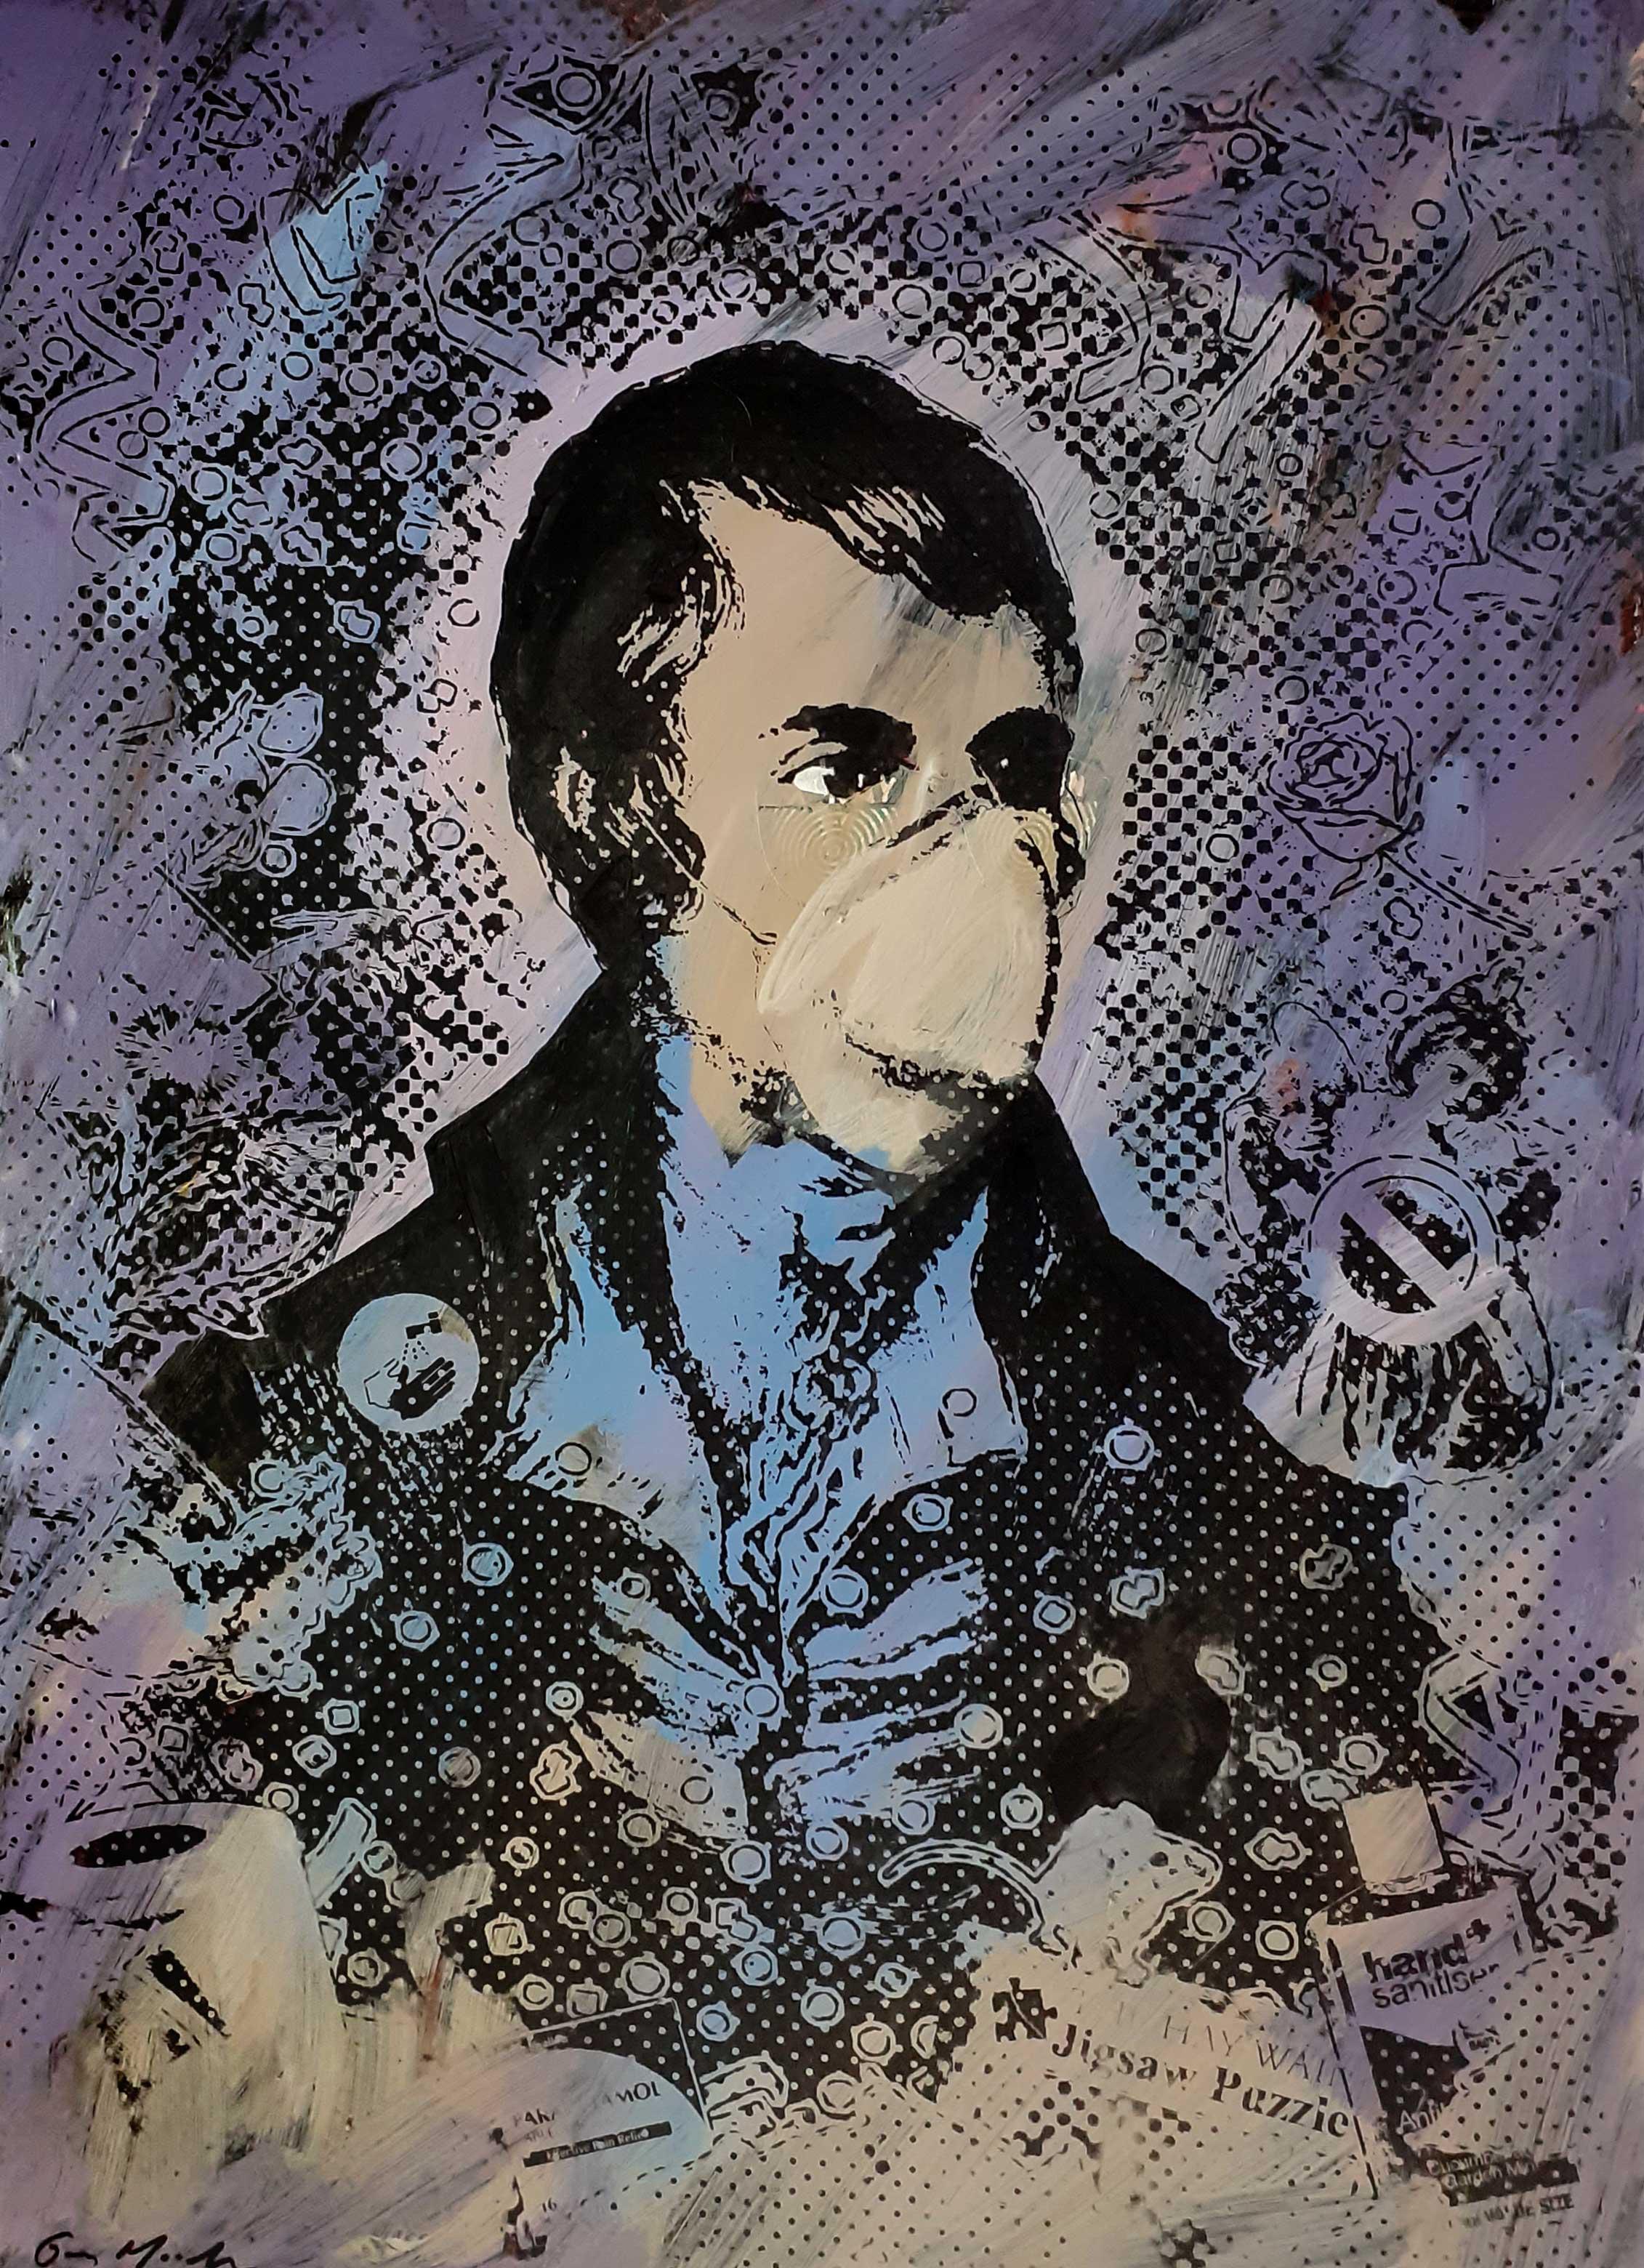 Portrait of Robert Burns - Lockdown5